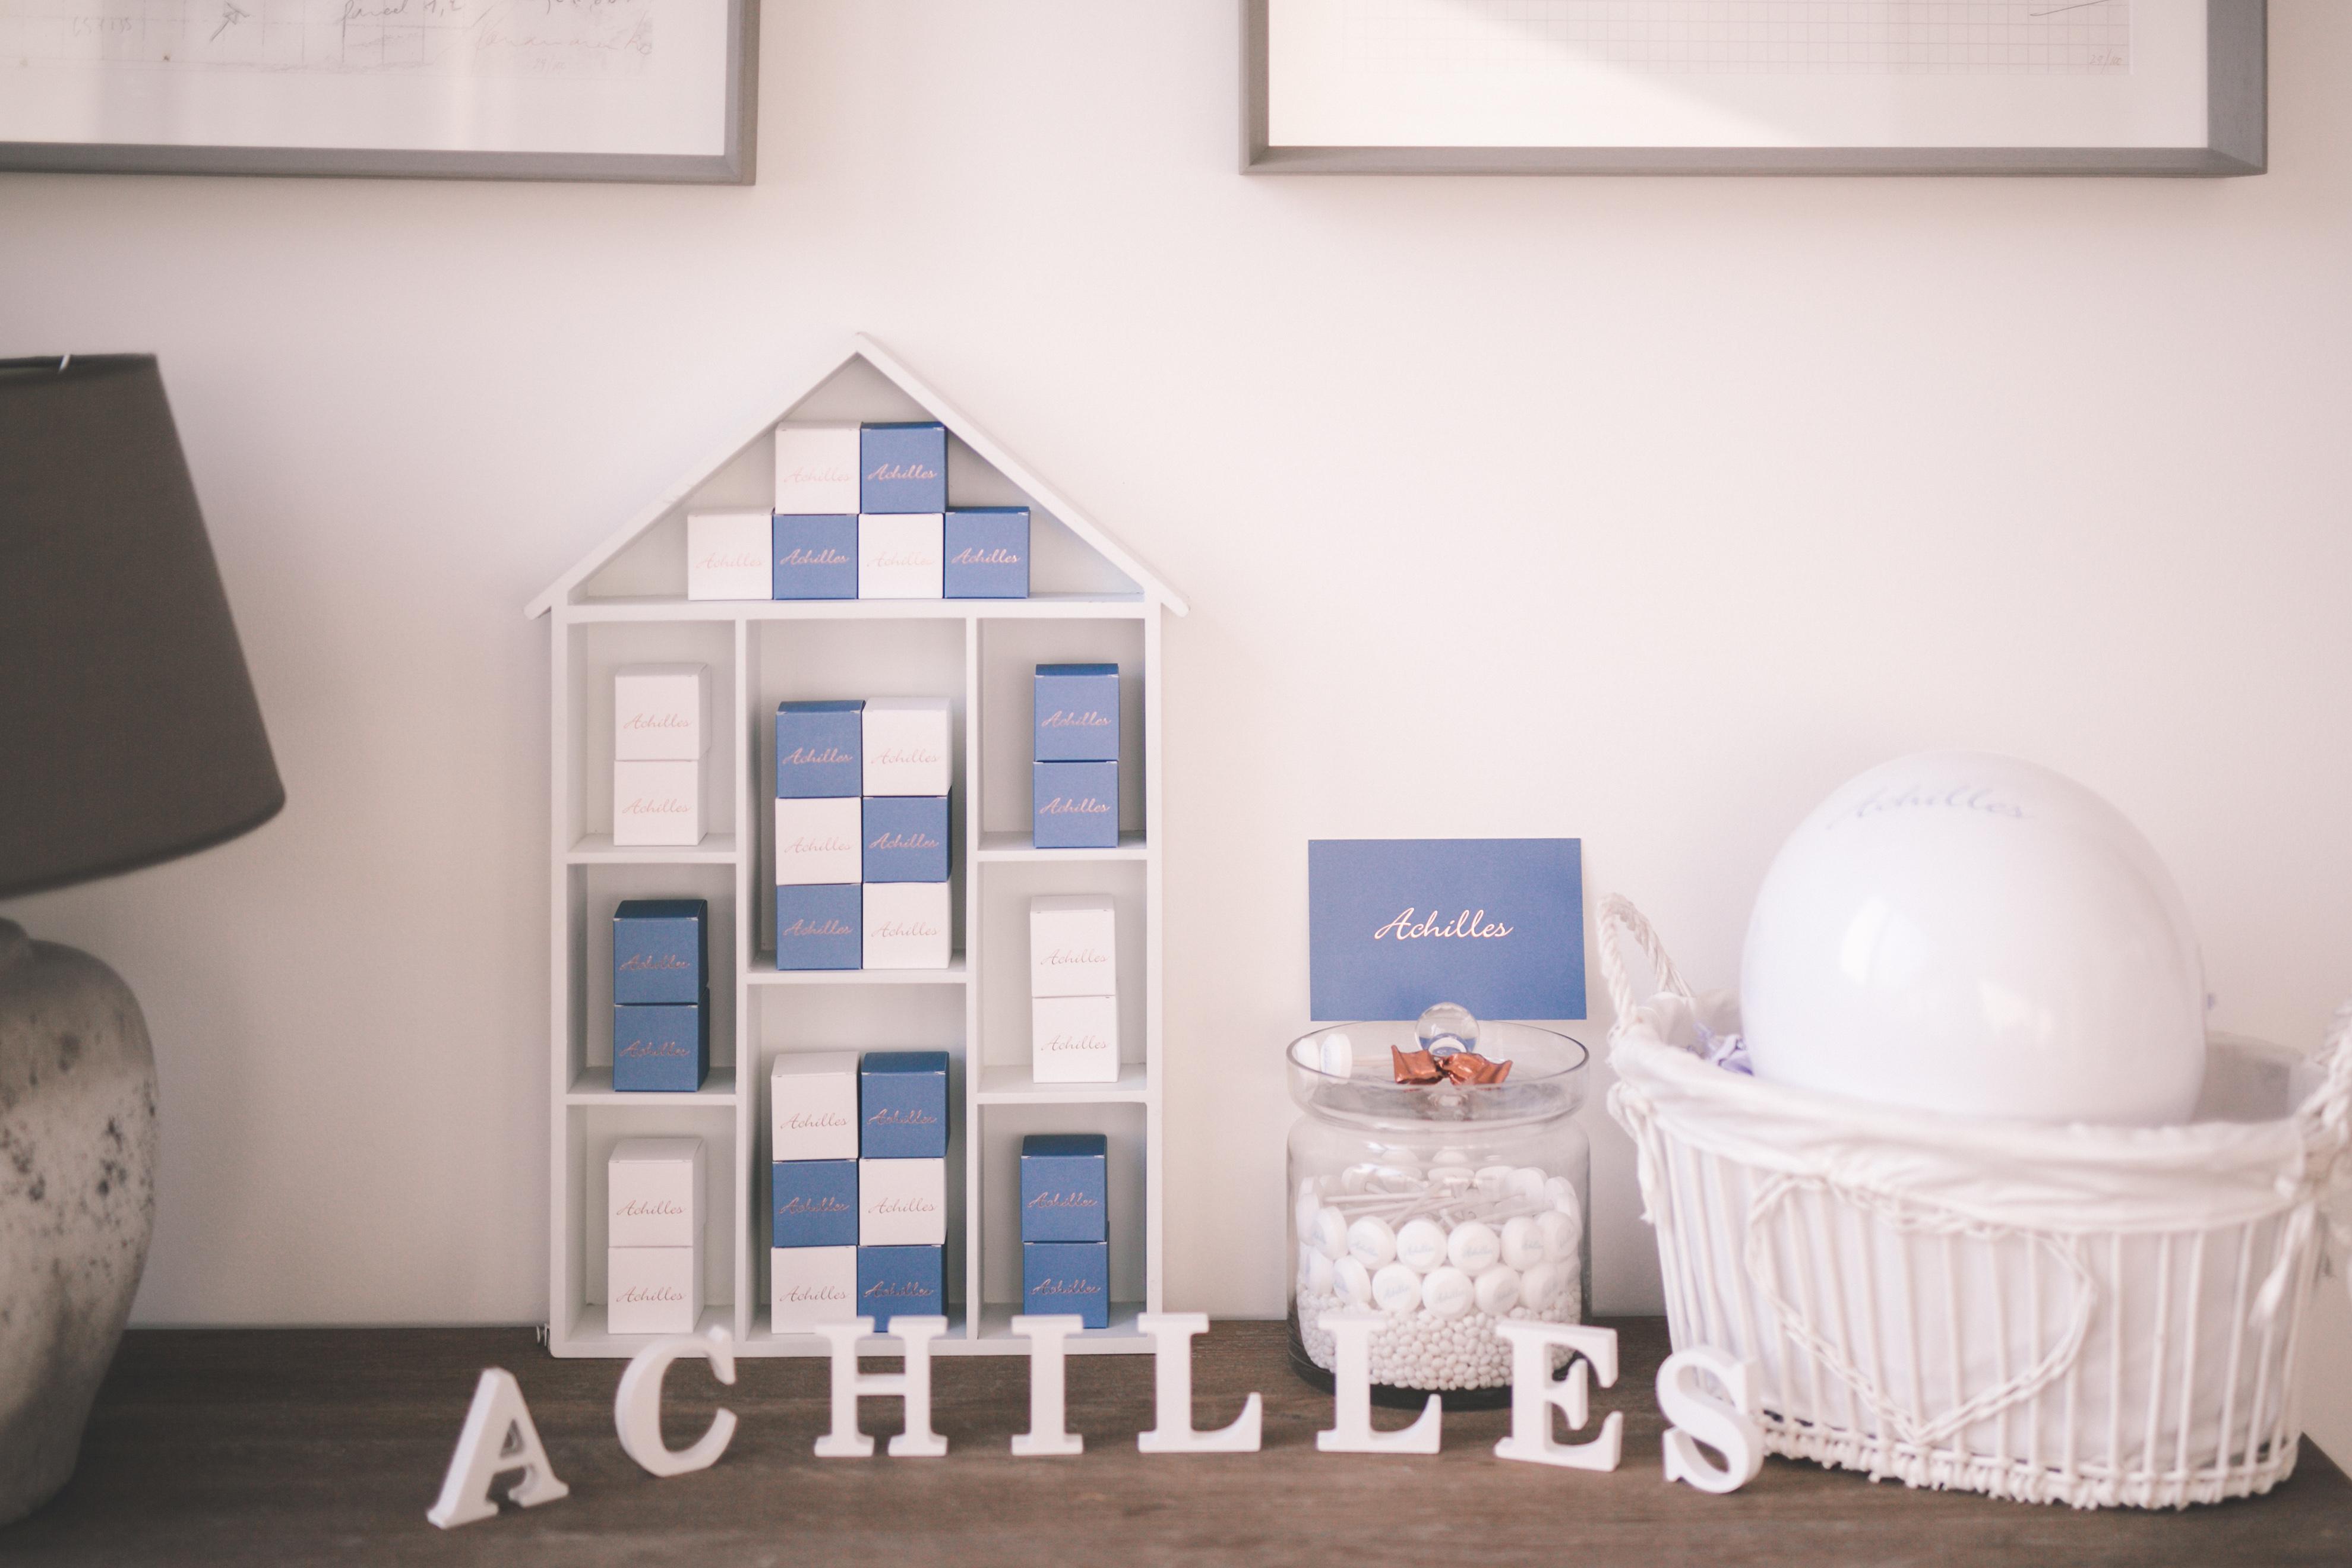 Achilles-9339